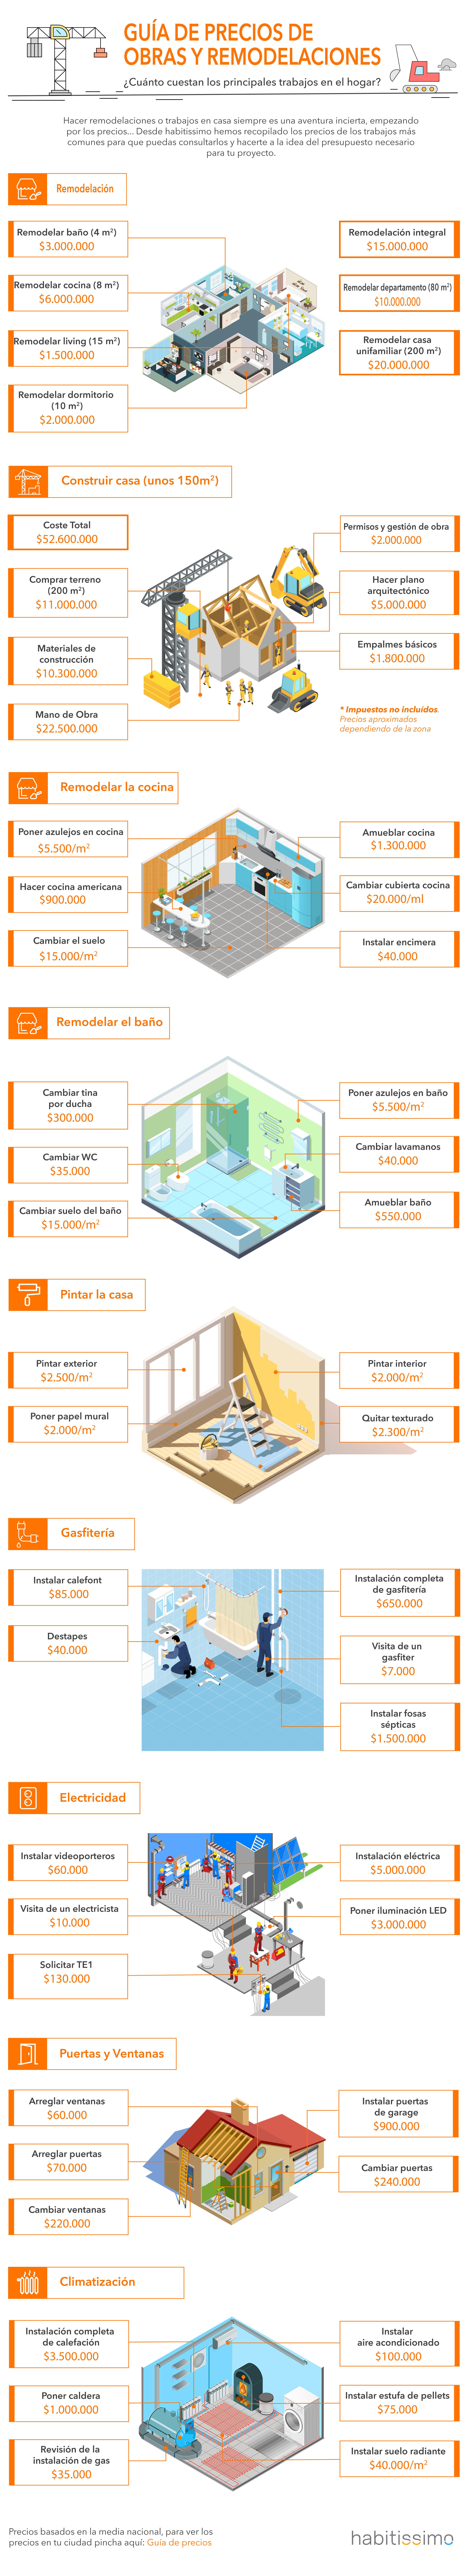 Guía de precios de remodelaciones en el hogar